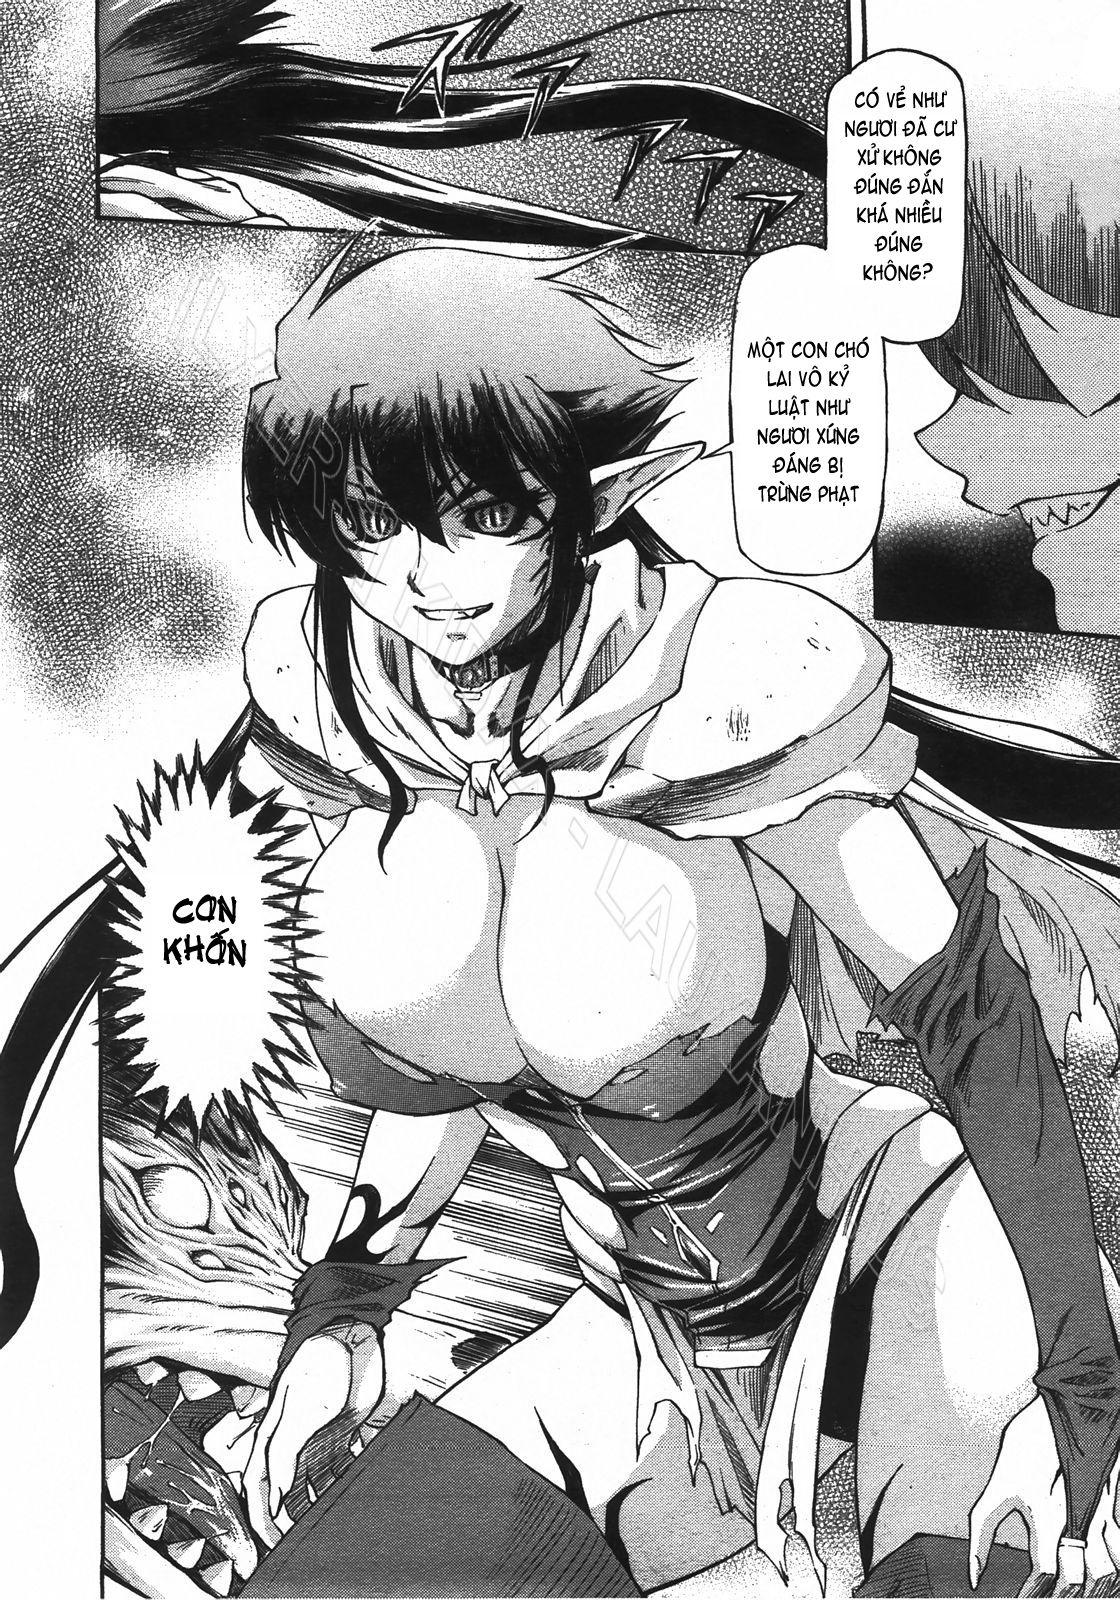 Hình ảnh Hinh_005 trong bài viết Truyện tranh hentai không che: Parabellum